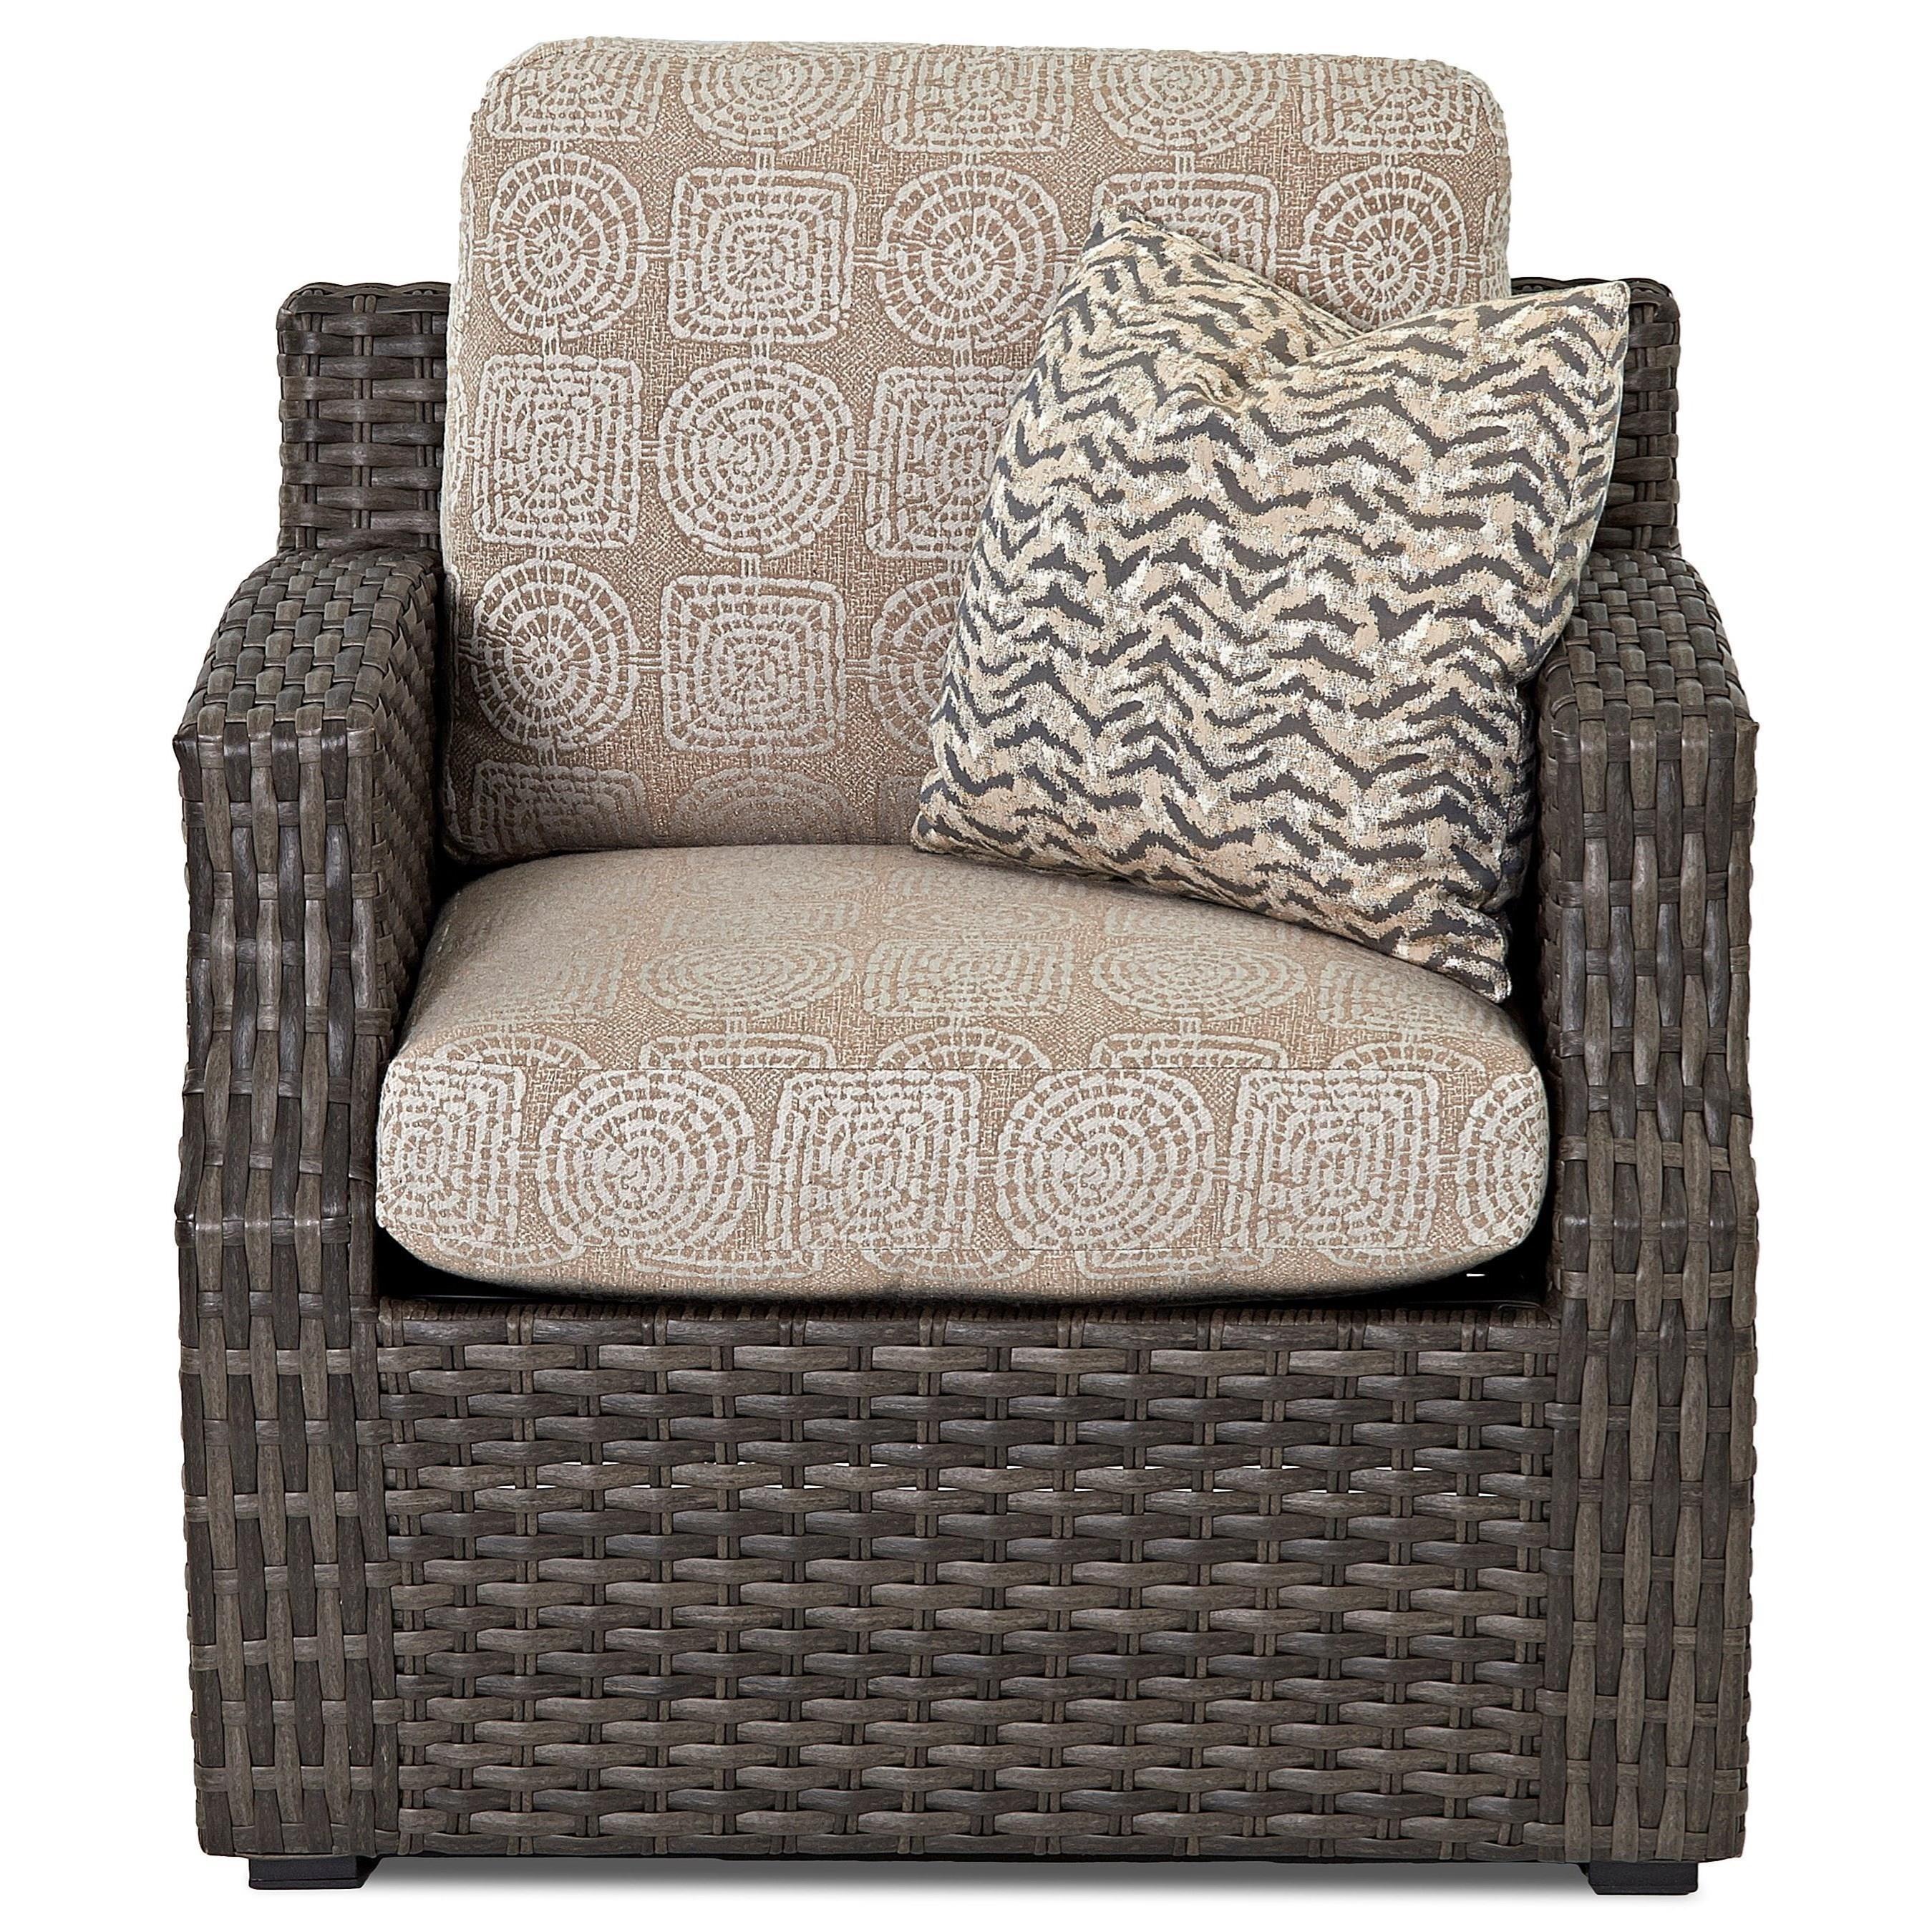 Chair w/ Reversible Cushion